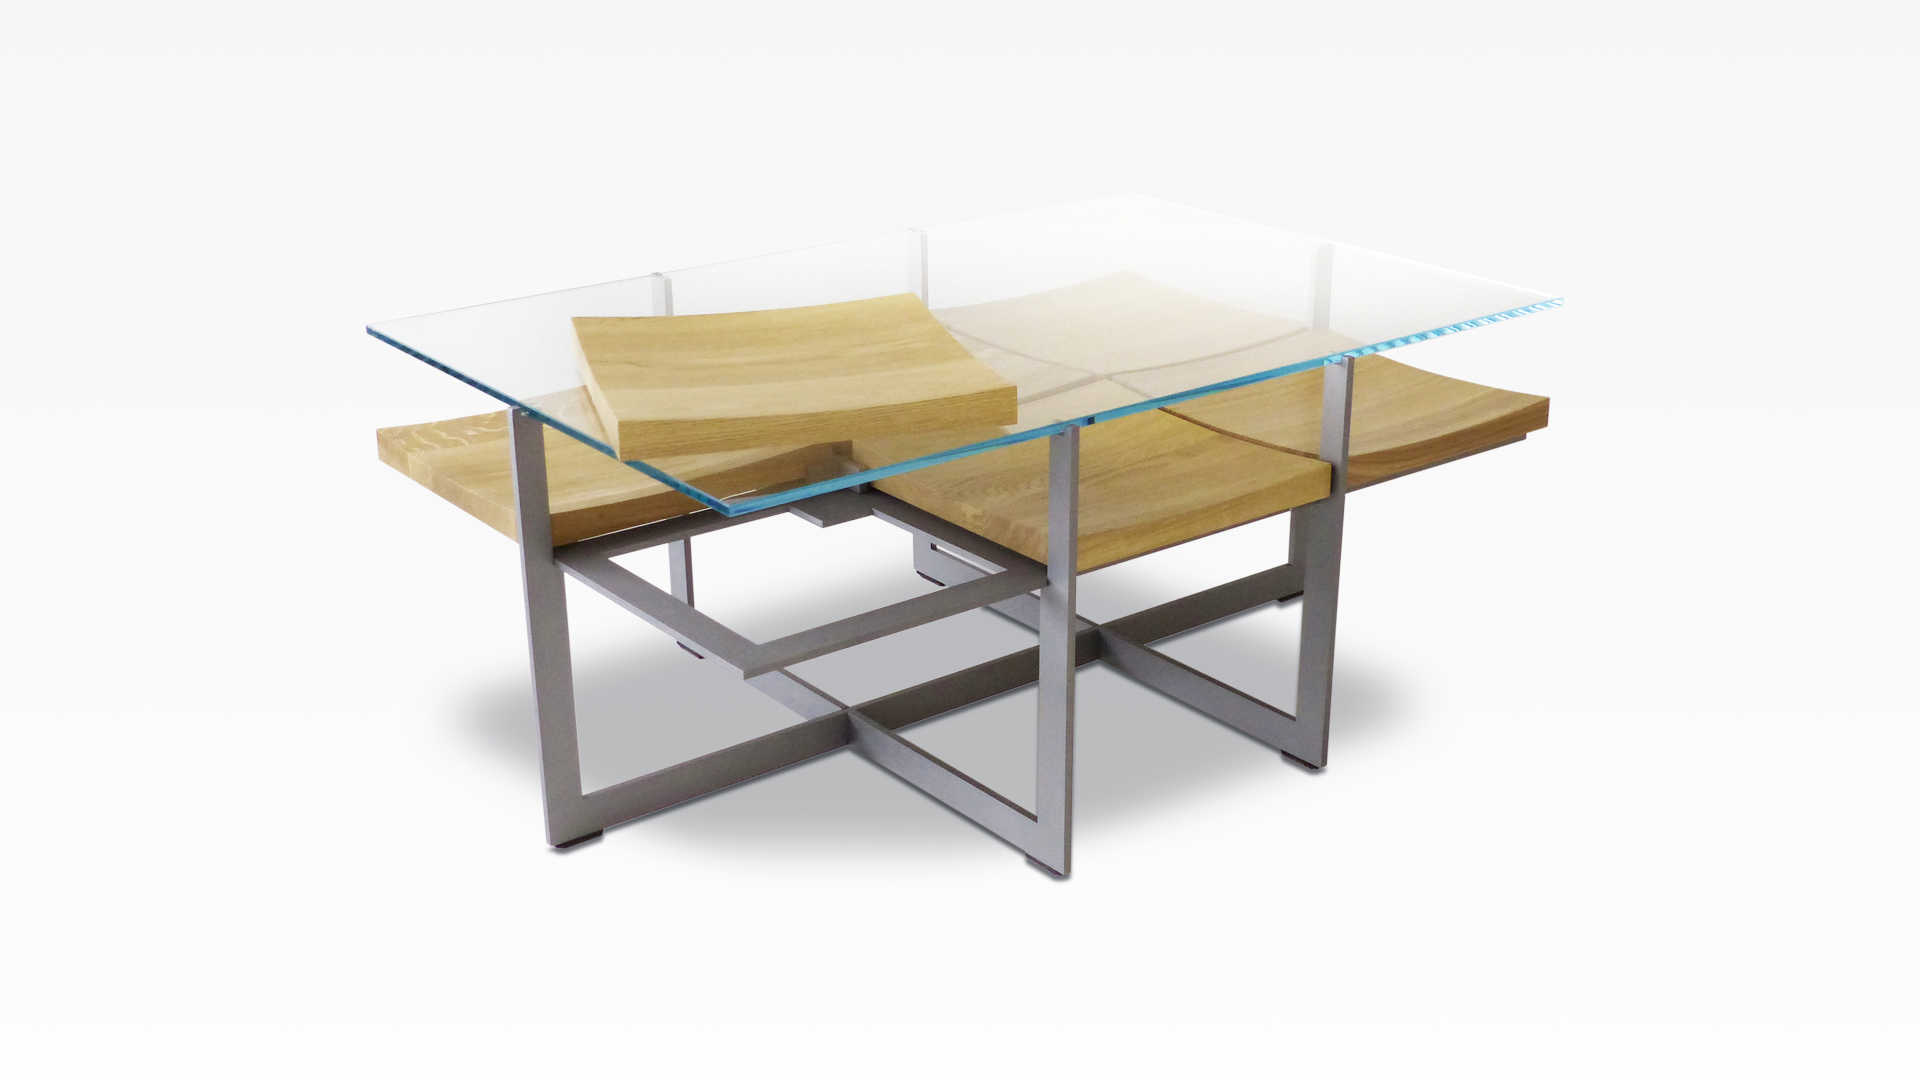 deutsu m nchner m belmanufaktur fallingwater 2x3 70 couchtisch stahl glas eiche ge lt. Black Bedroom Furniture Sets. Home Design Ideas